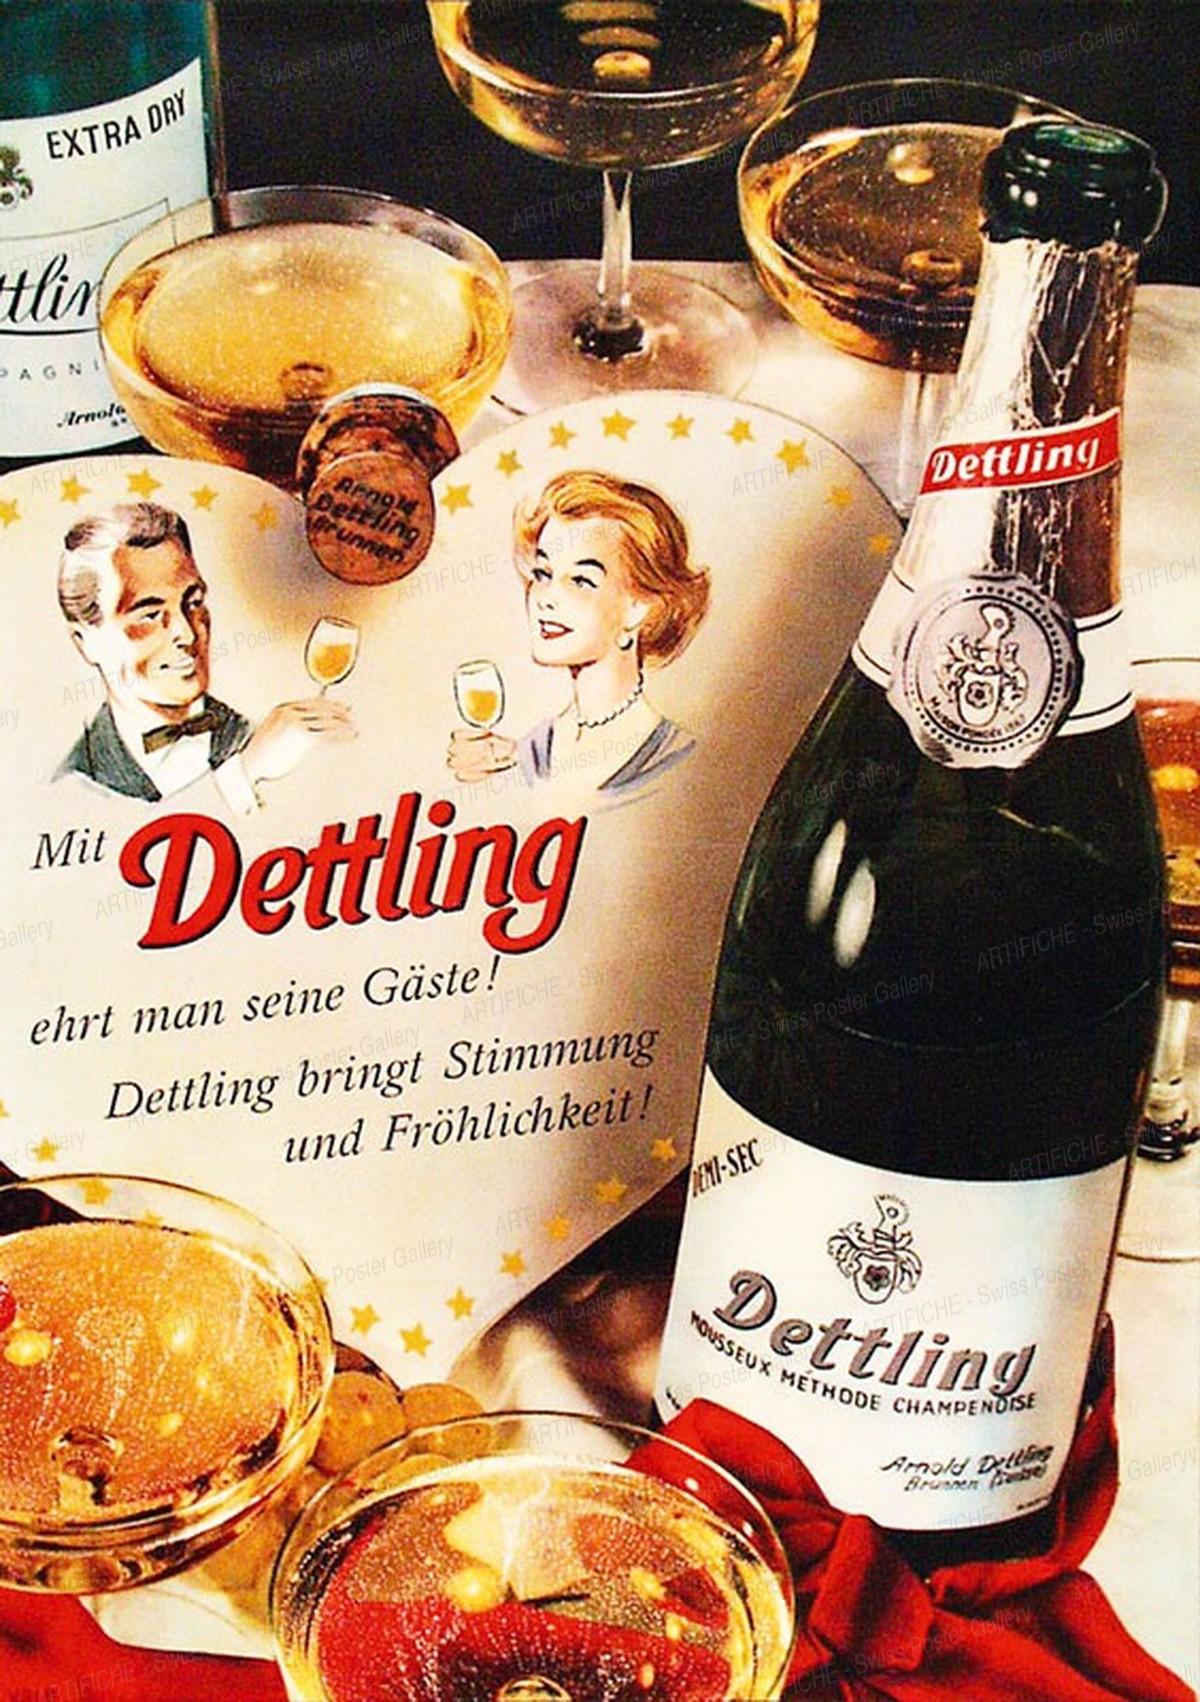 Dettling Mousseux – Mit Dettling ehrt man seine Gäste!, Artist unknown